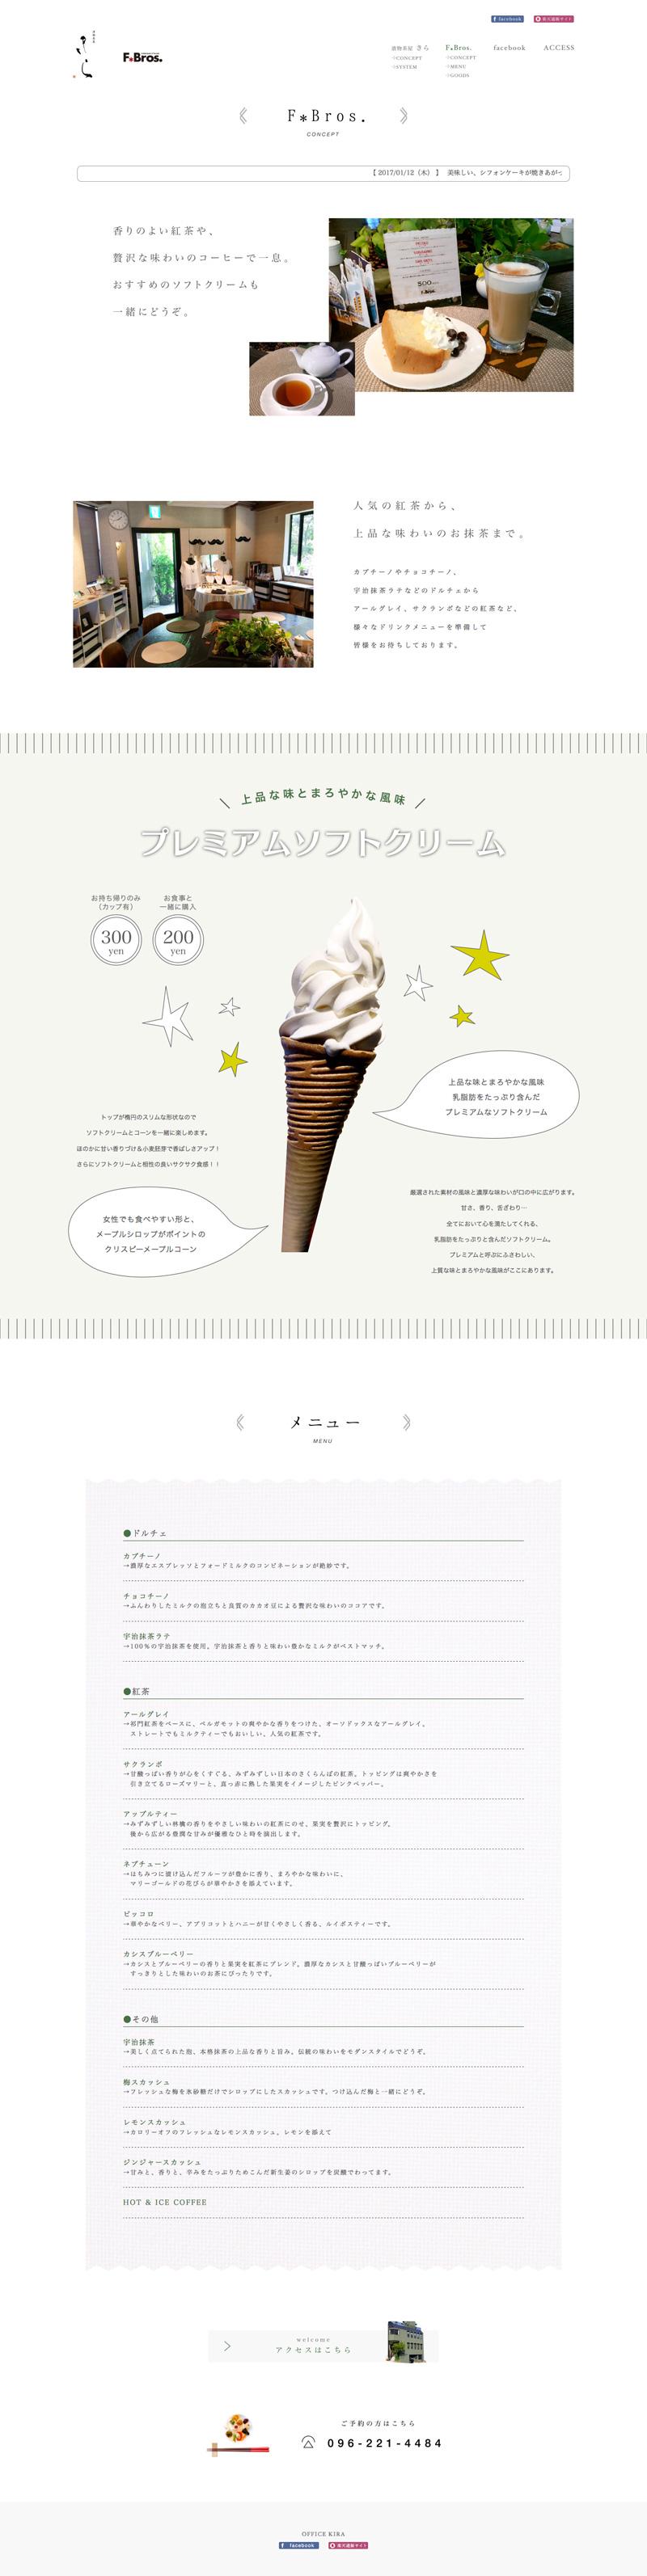 web_officekira.jpg